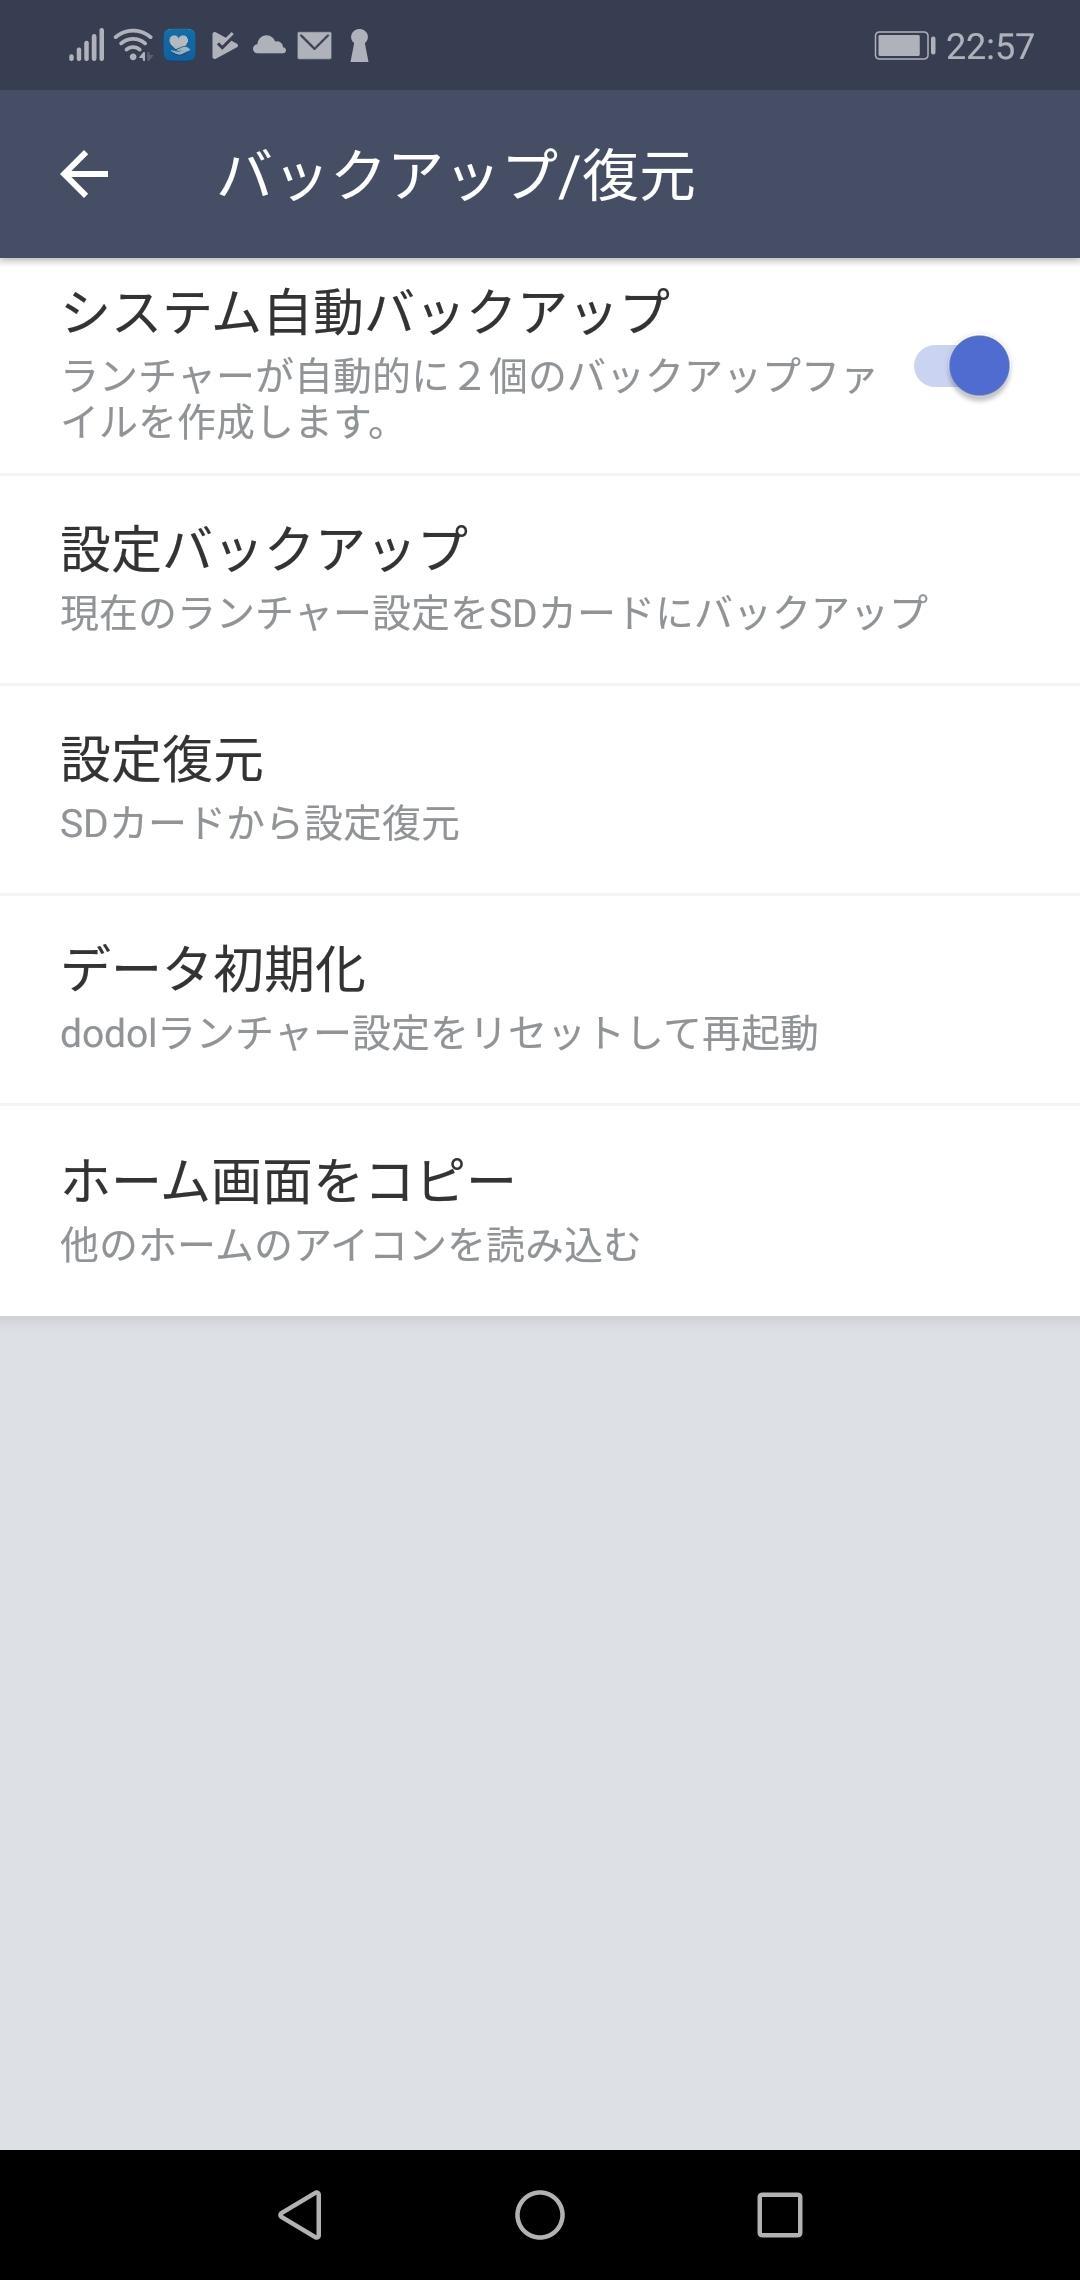 無料きせかえ★LINEランチャー★スマホがかわいく大変身アプリホーム画面